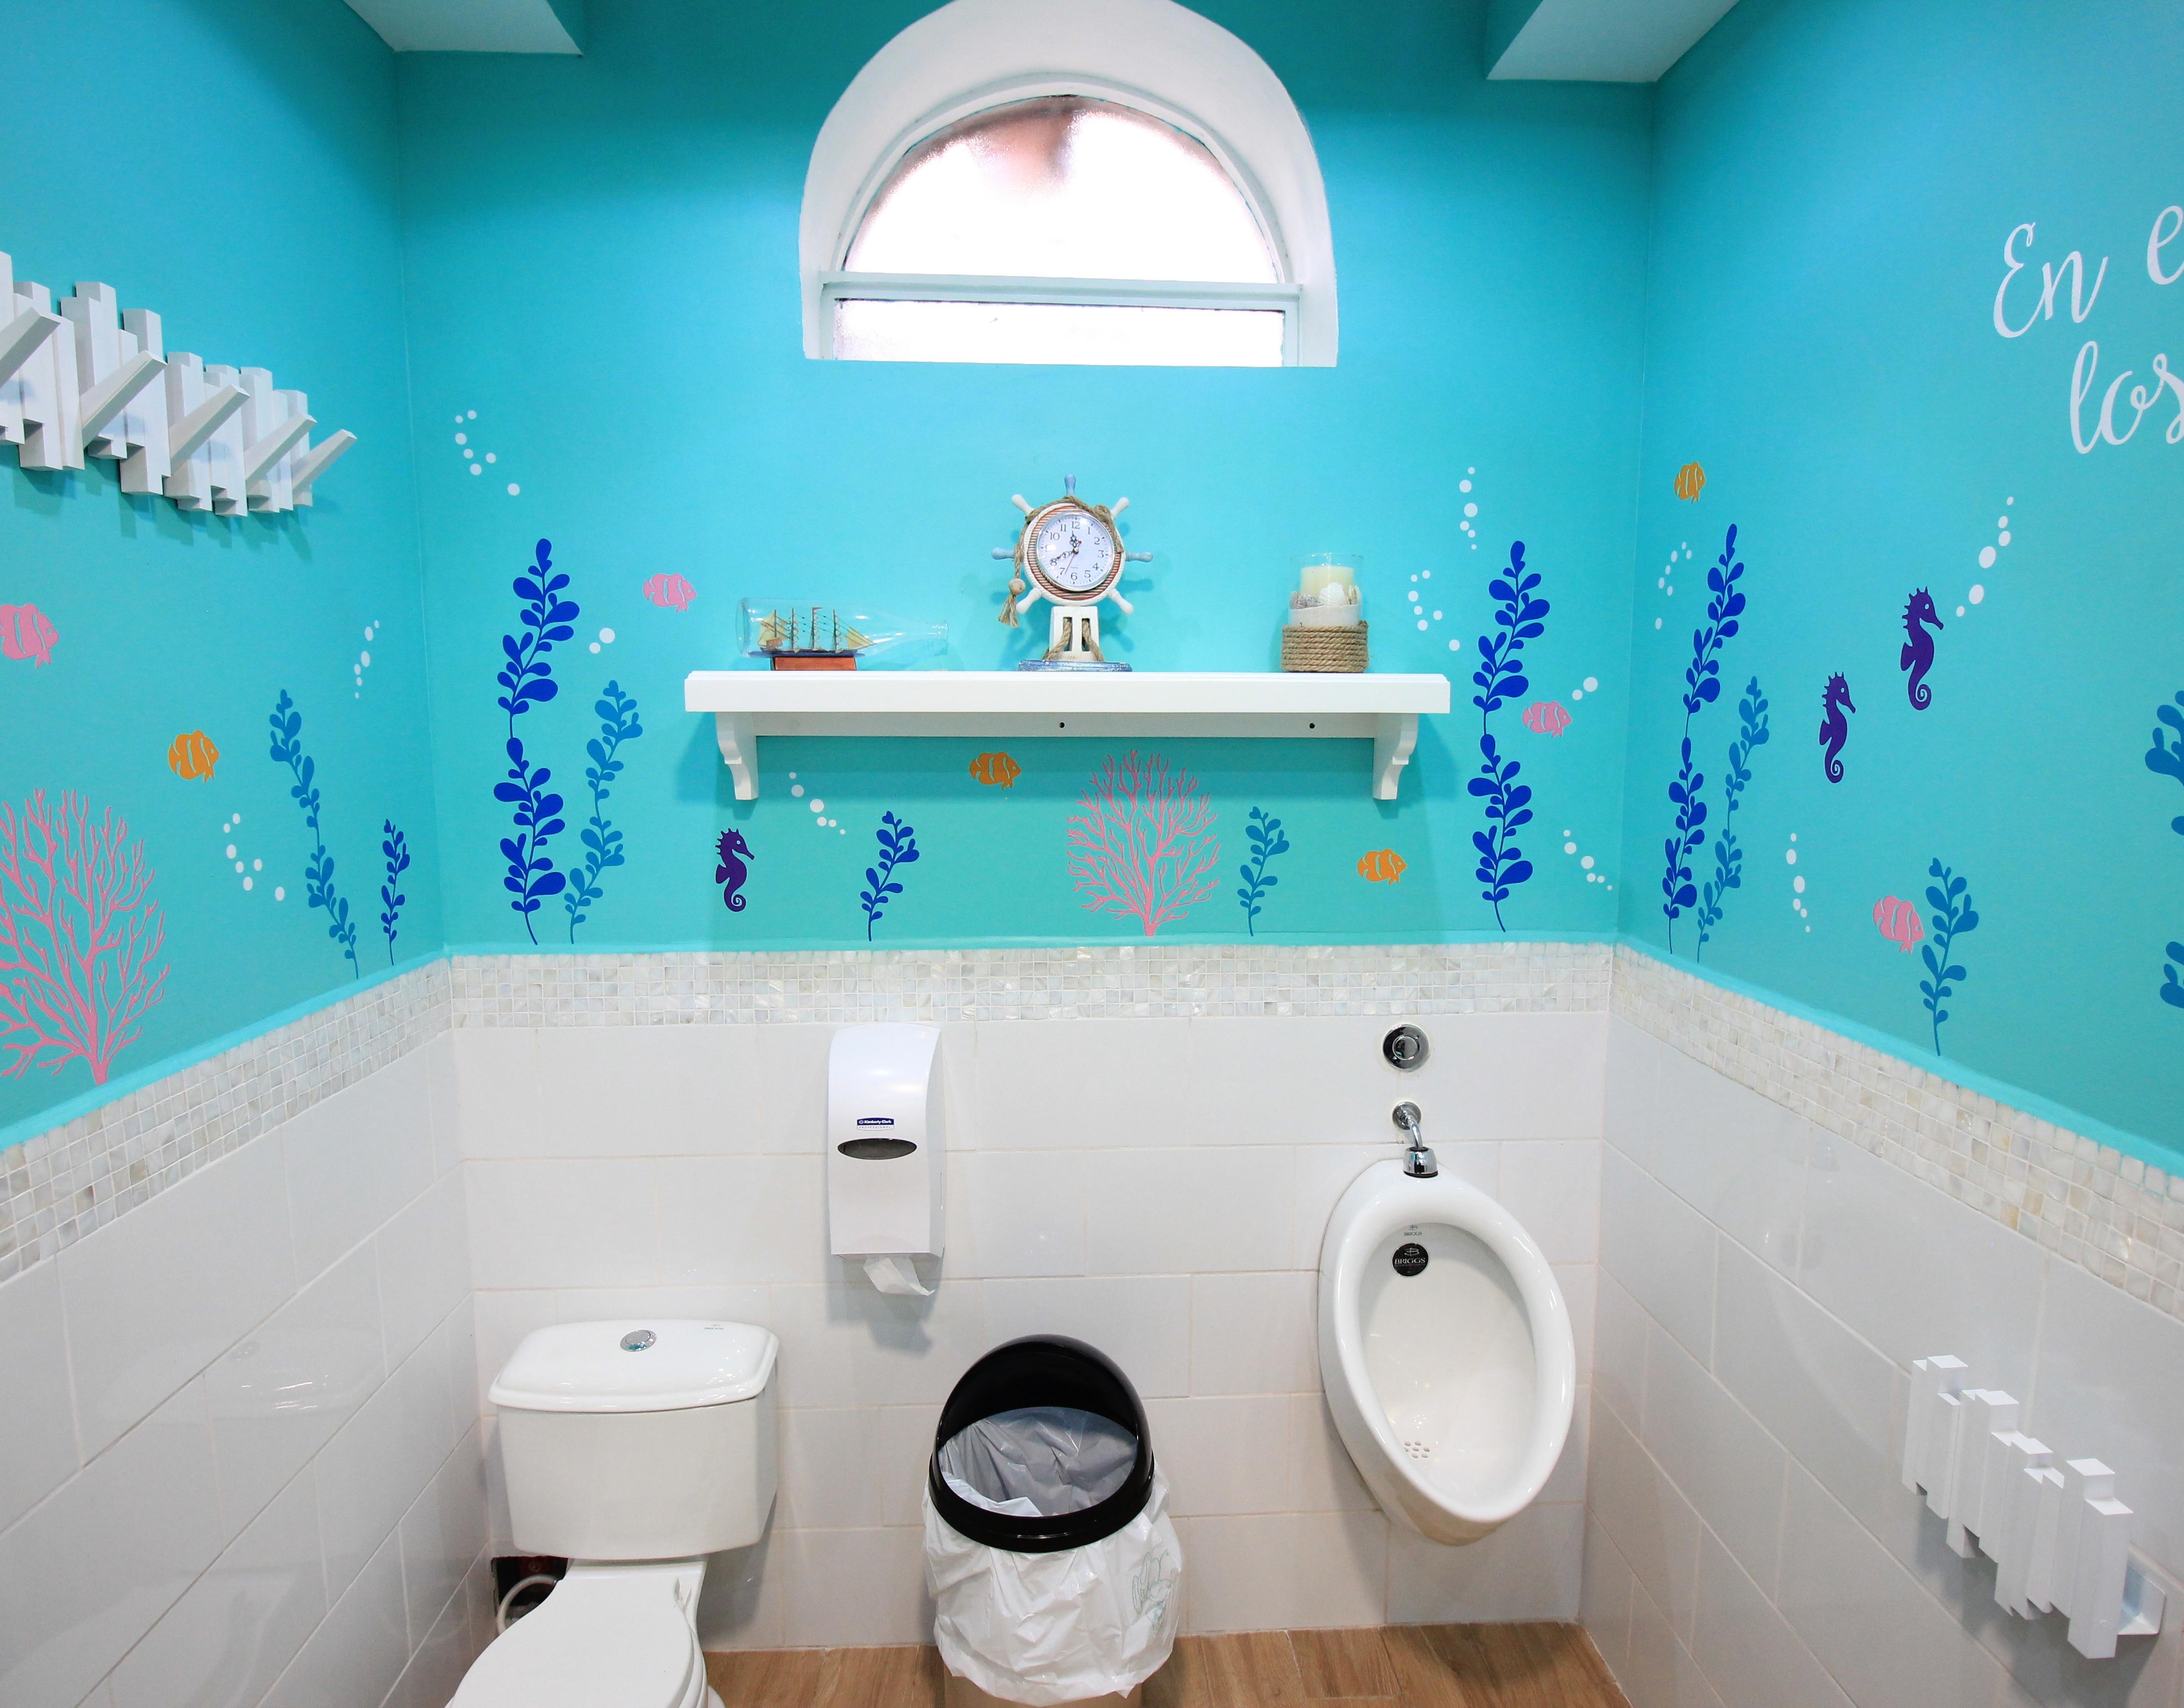 Aileen arango kids restroom interior design redise o ba o de ni os - Banos de ninos ...